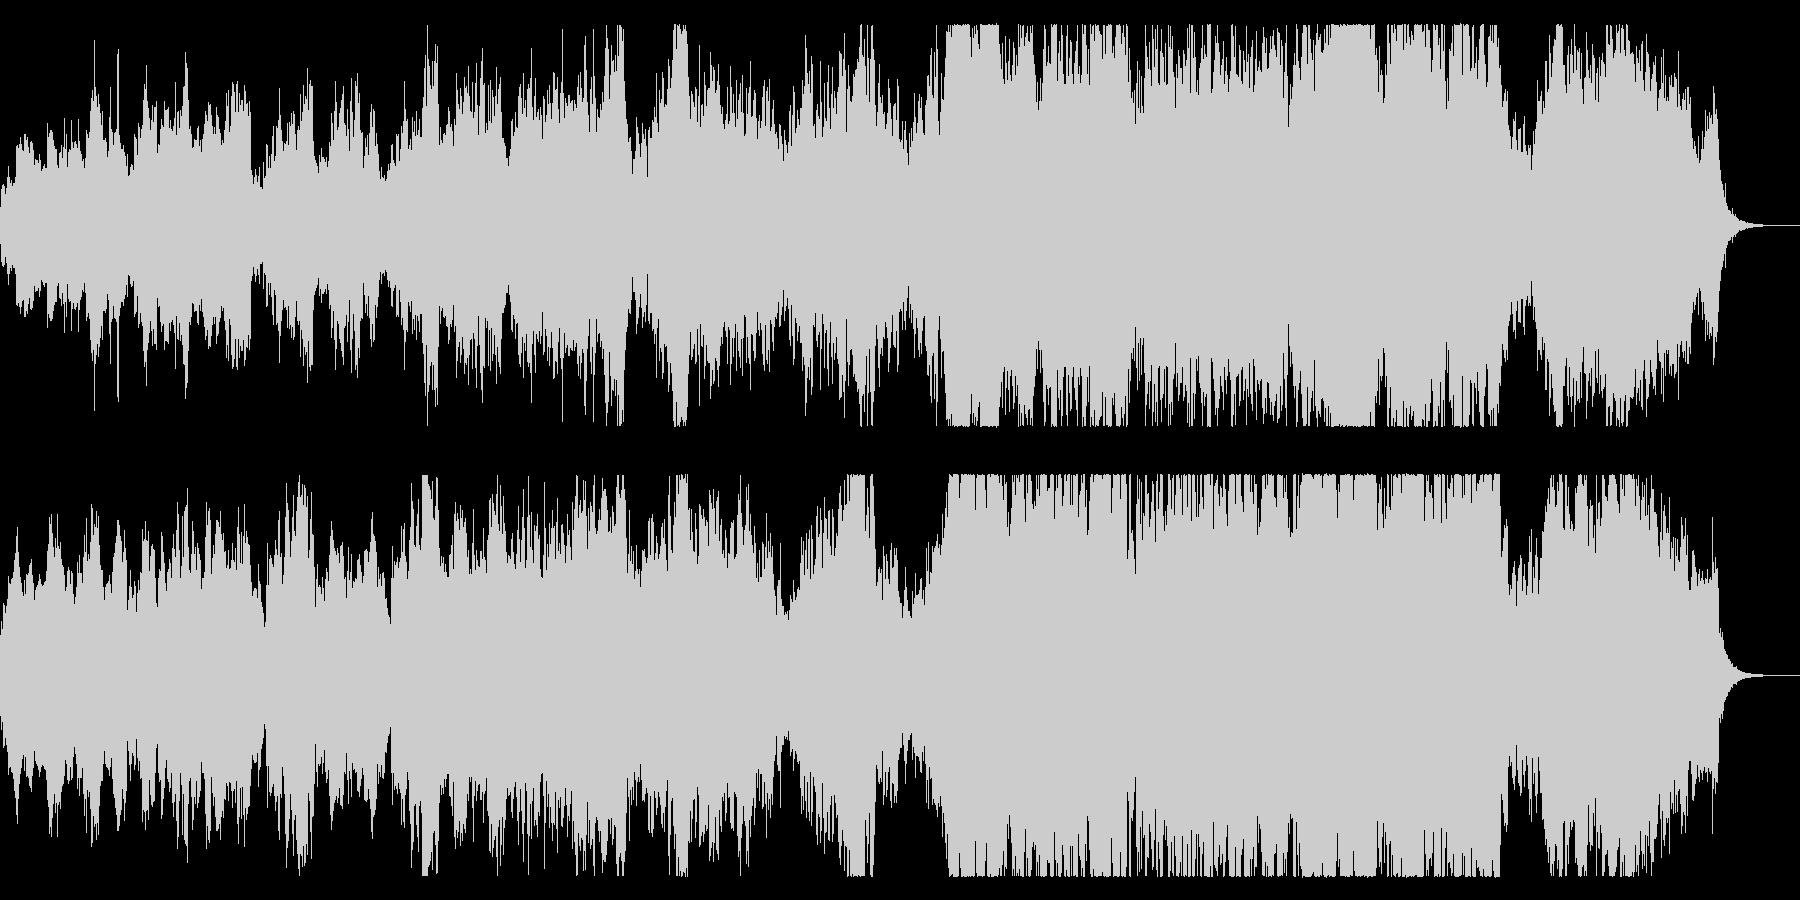 エンディング向けファンタジックなBGMの未再生の波形